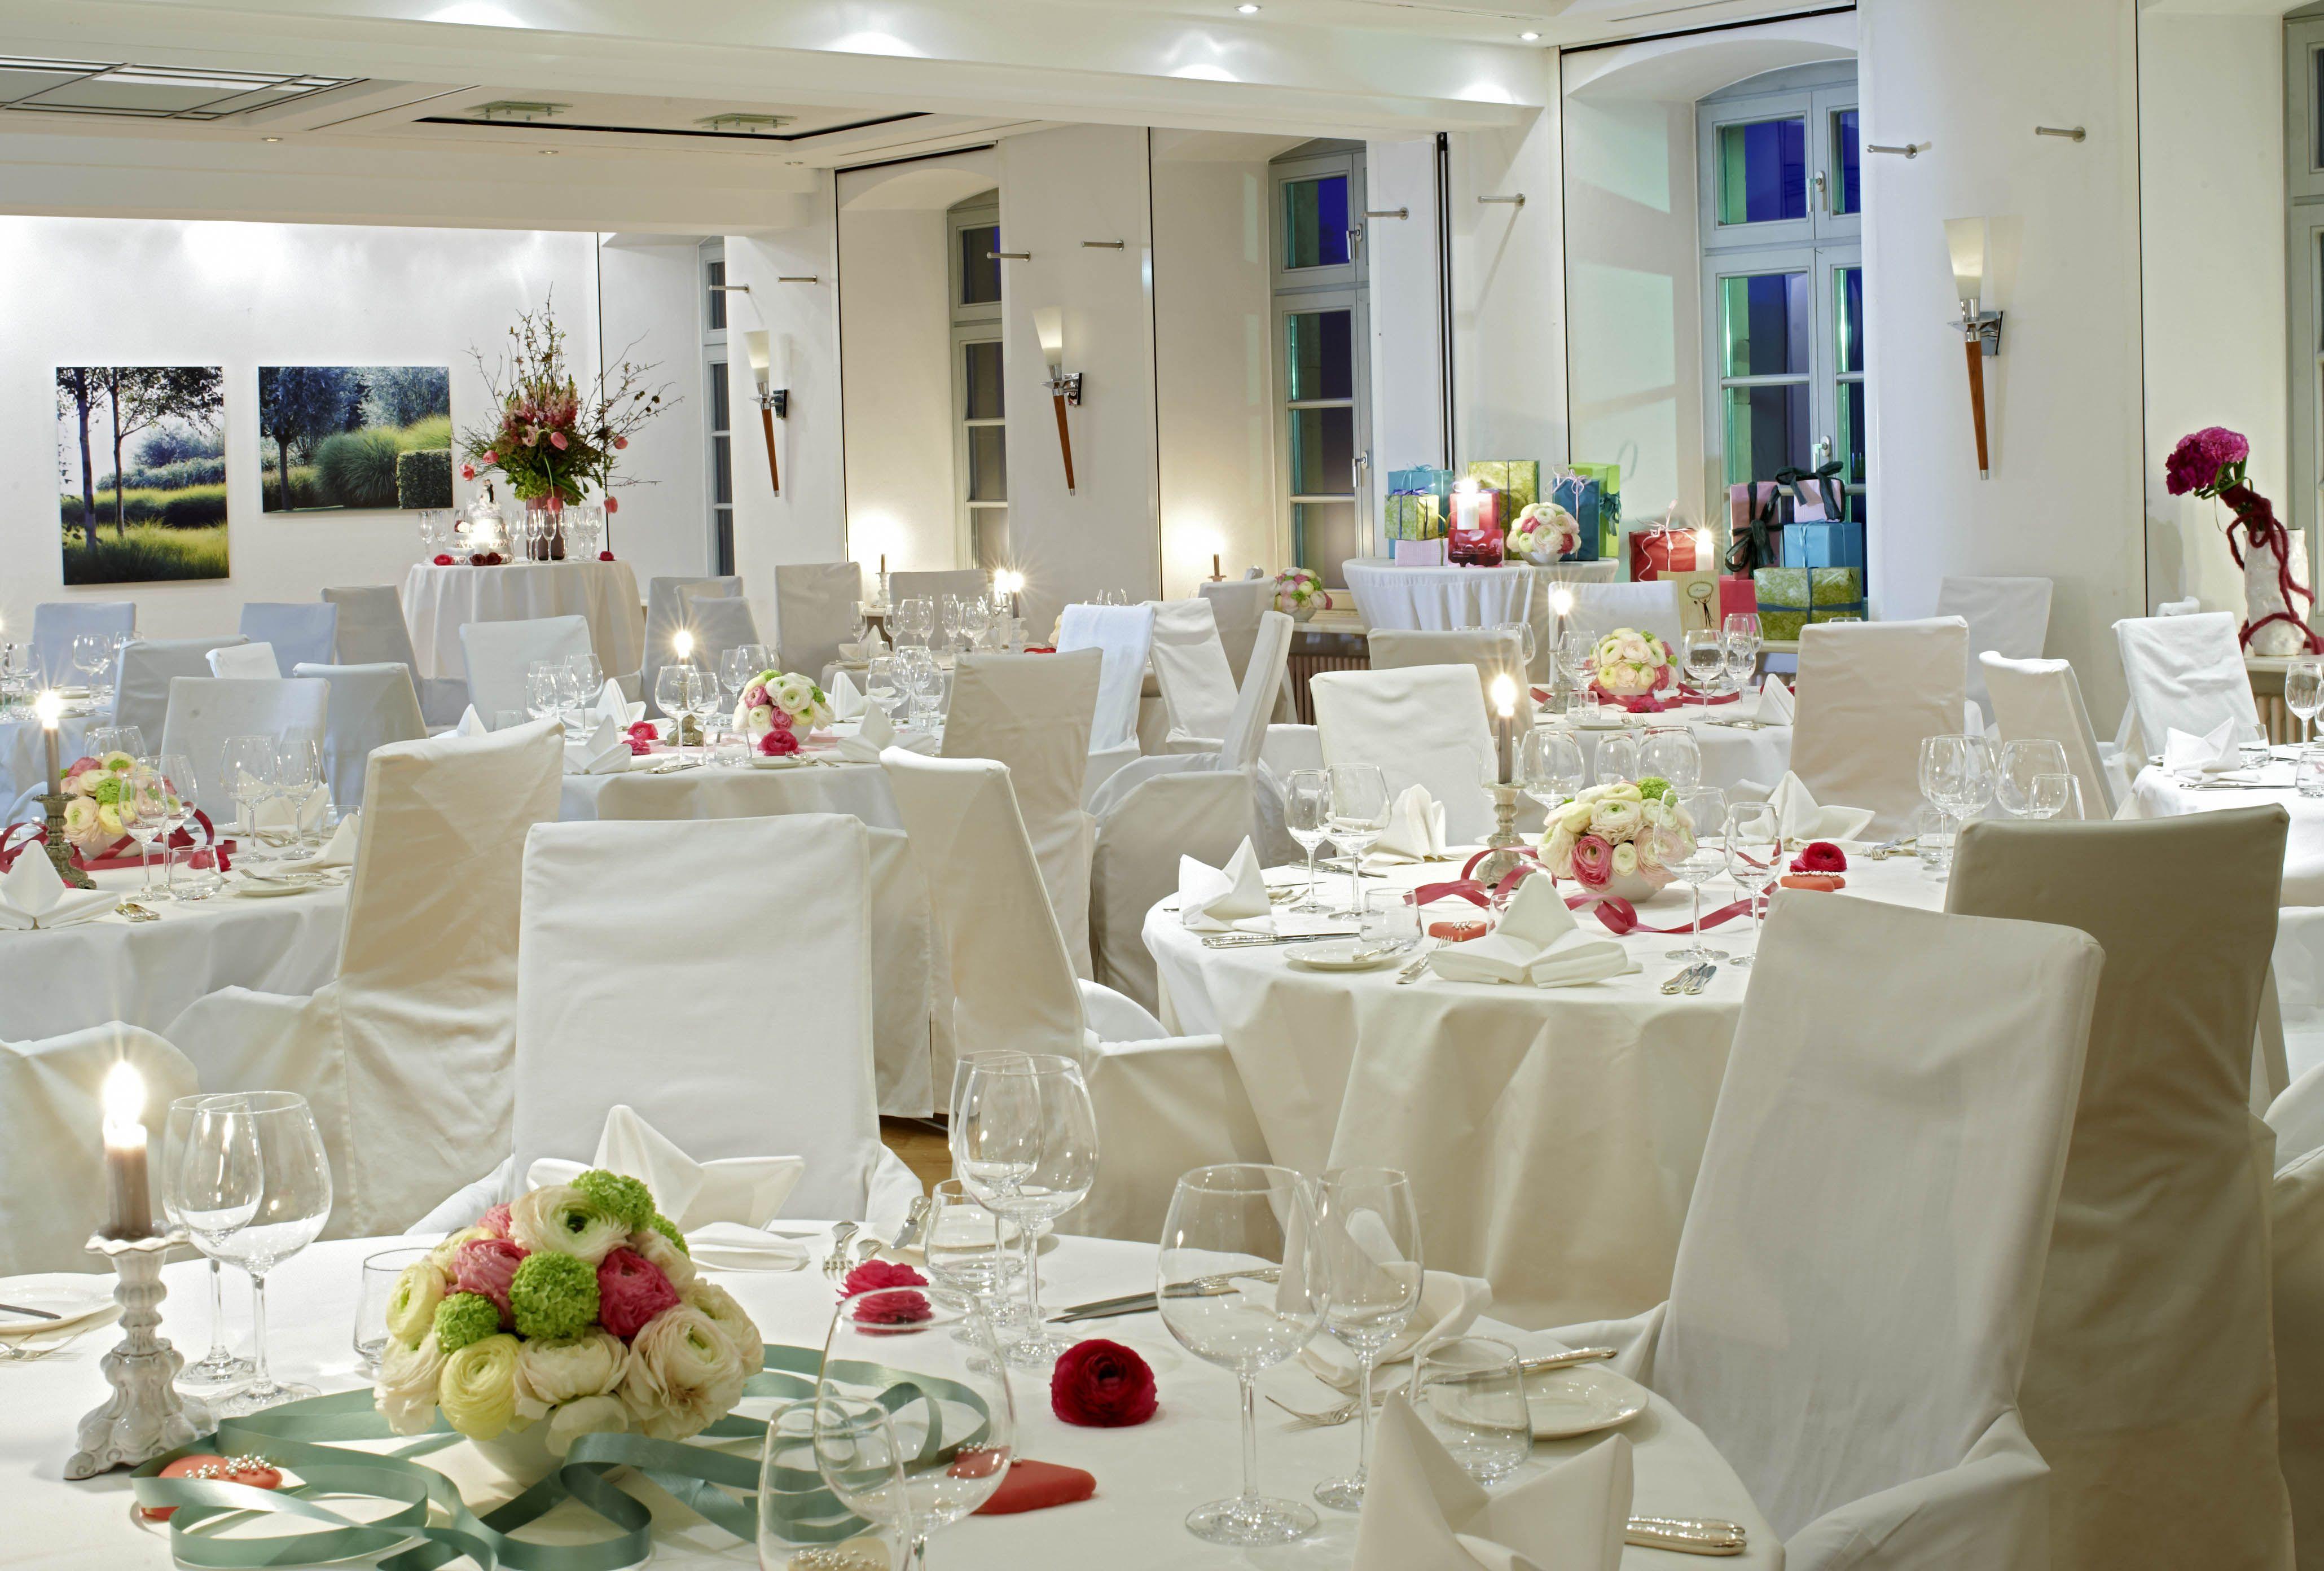 Festsaal Hochzeit Mit Dekoration Hotel Kloster Hornbach Dekoration Hochzeit Dekoration Festsaal